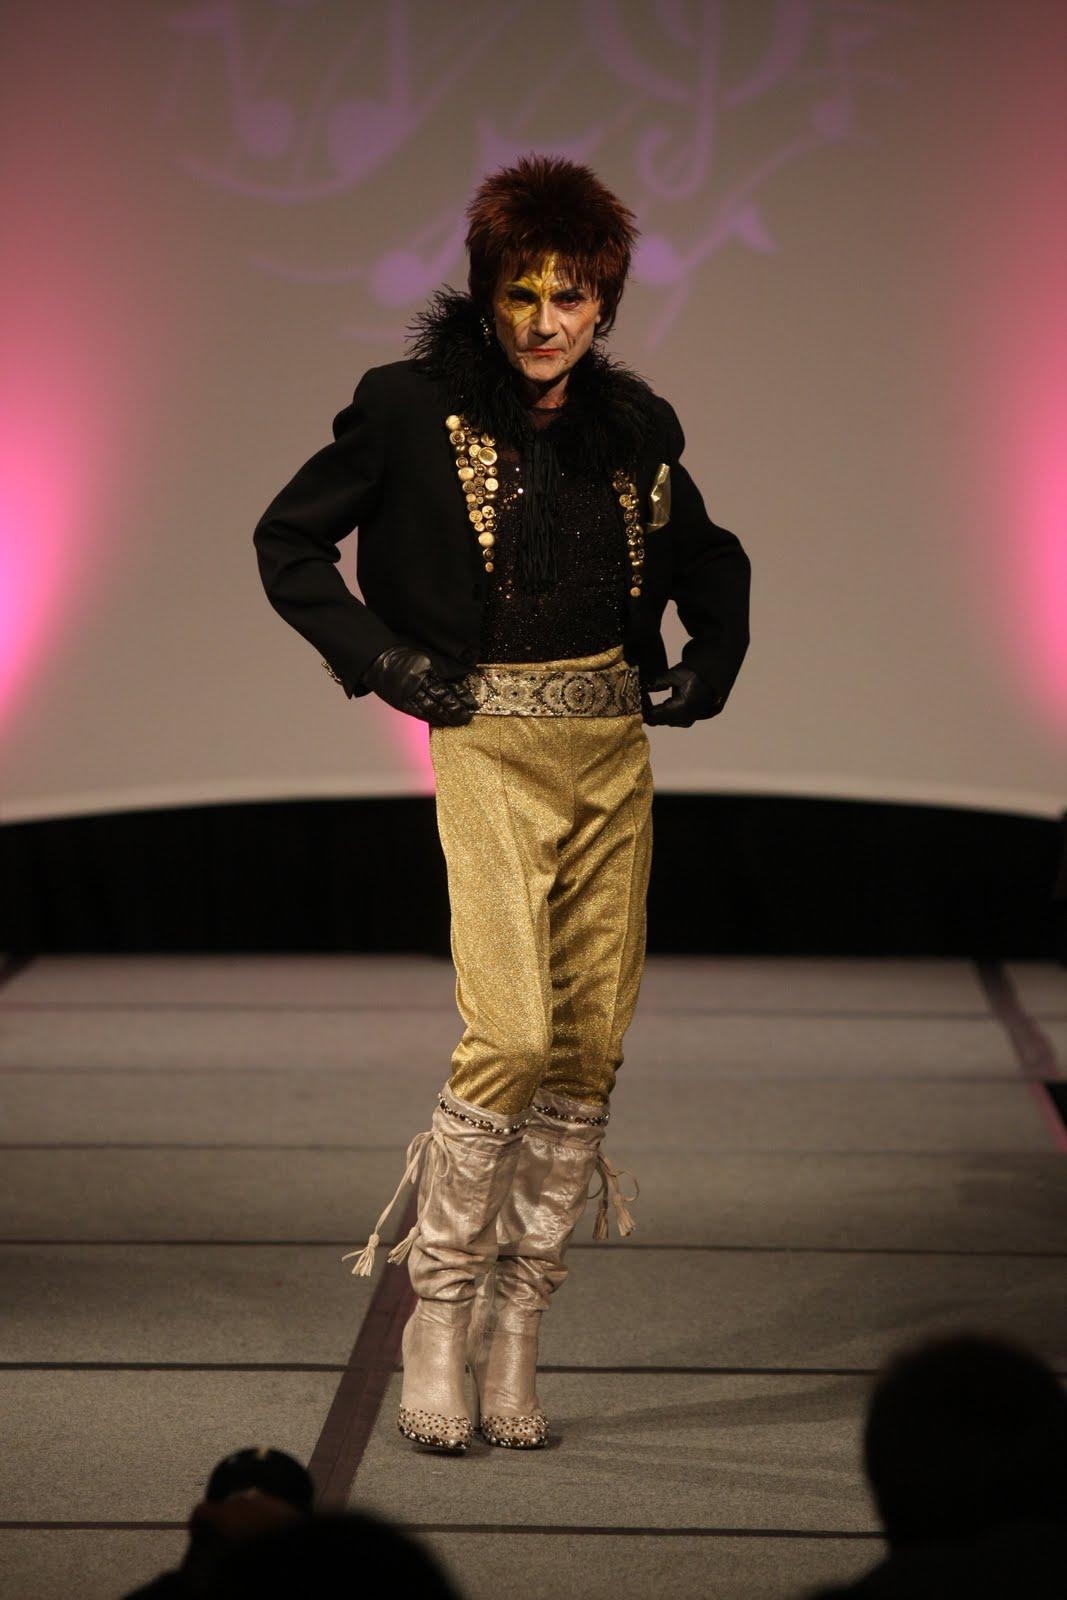 http://4.bp.blogspot.com/_8sEE3QQ02E8/TNR2ALh9SmI/AAAAAAAABSk/1ZQSWFL3B5I/s1600/David_Bowie.JPG